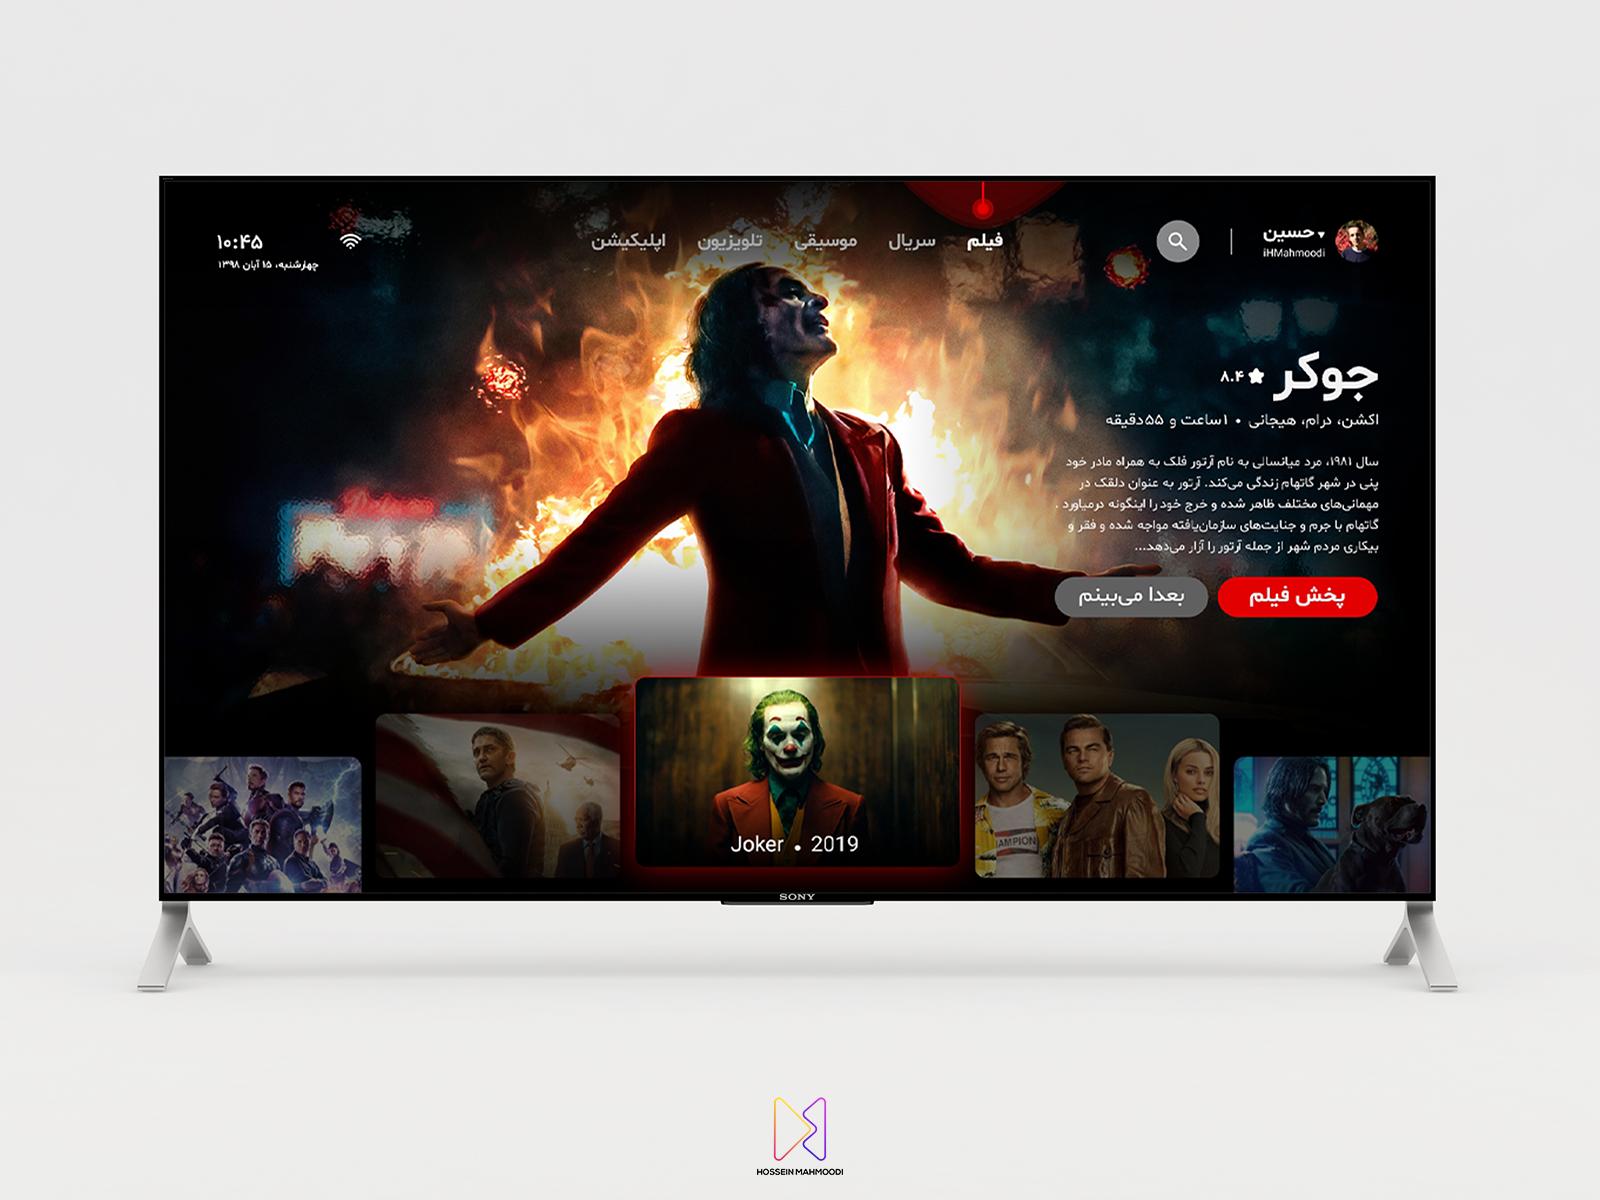 نمونهکار: رابط کاربری تلویزیون هوشمند XOS